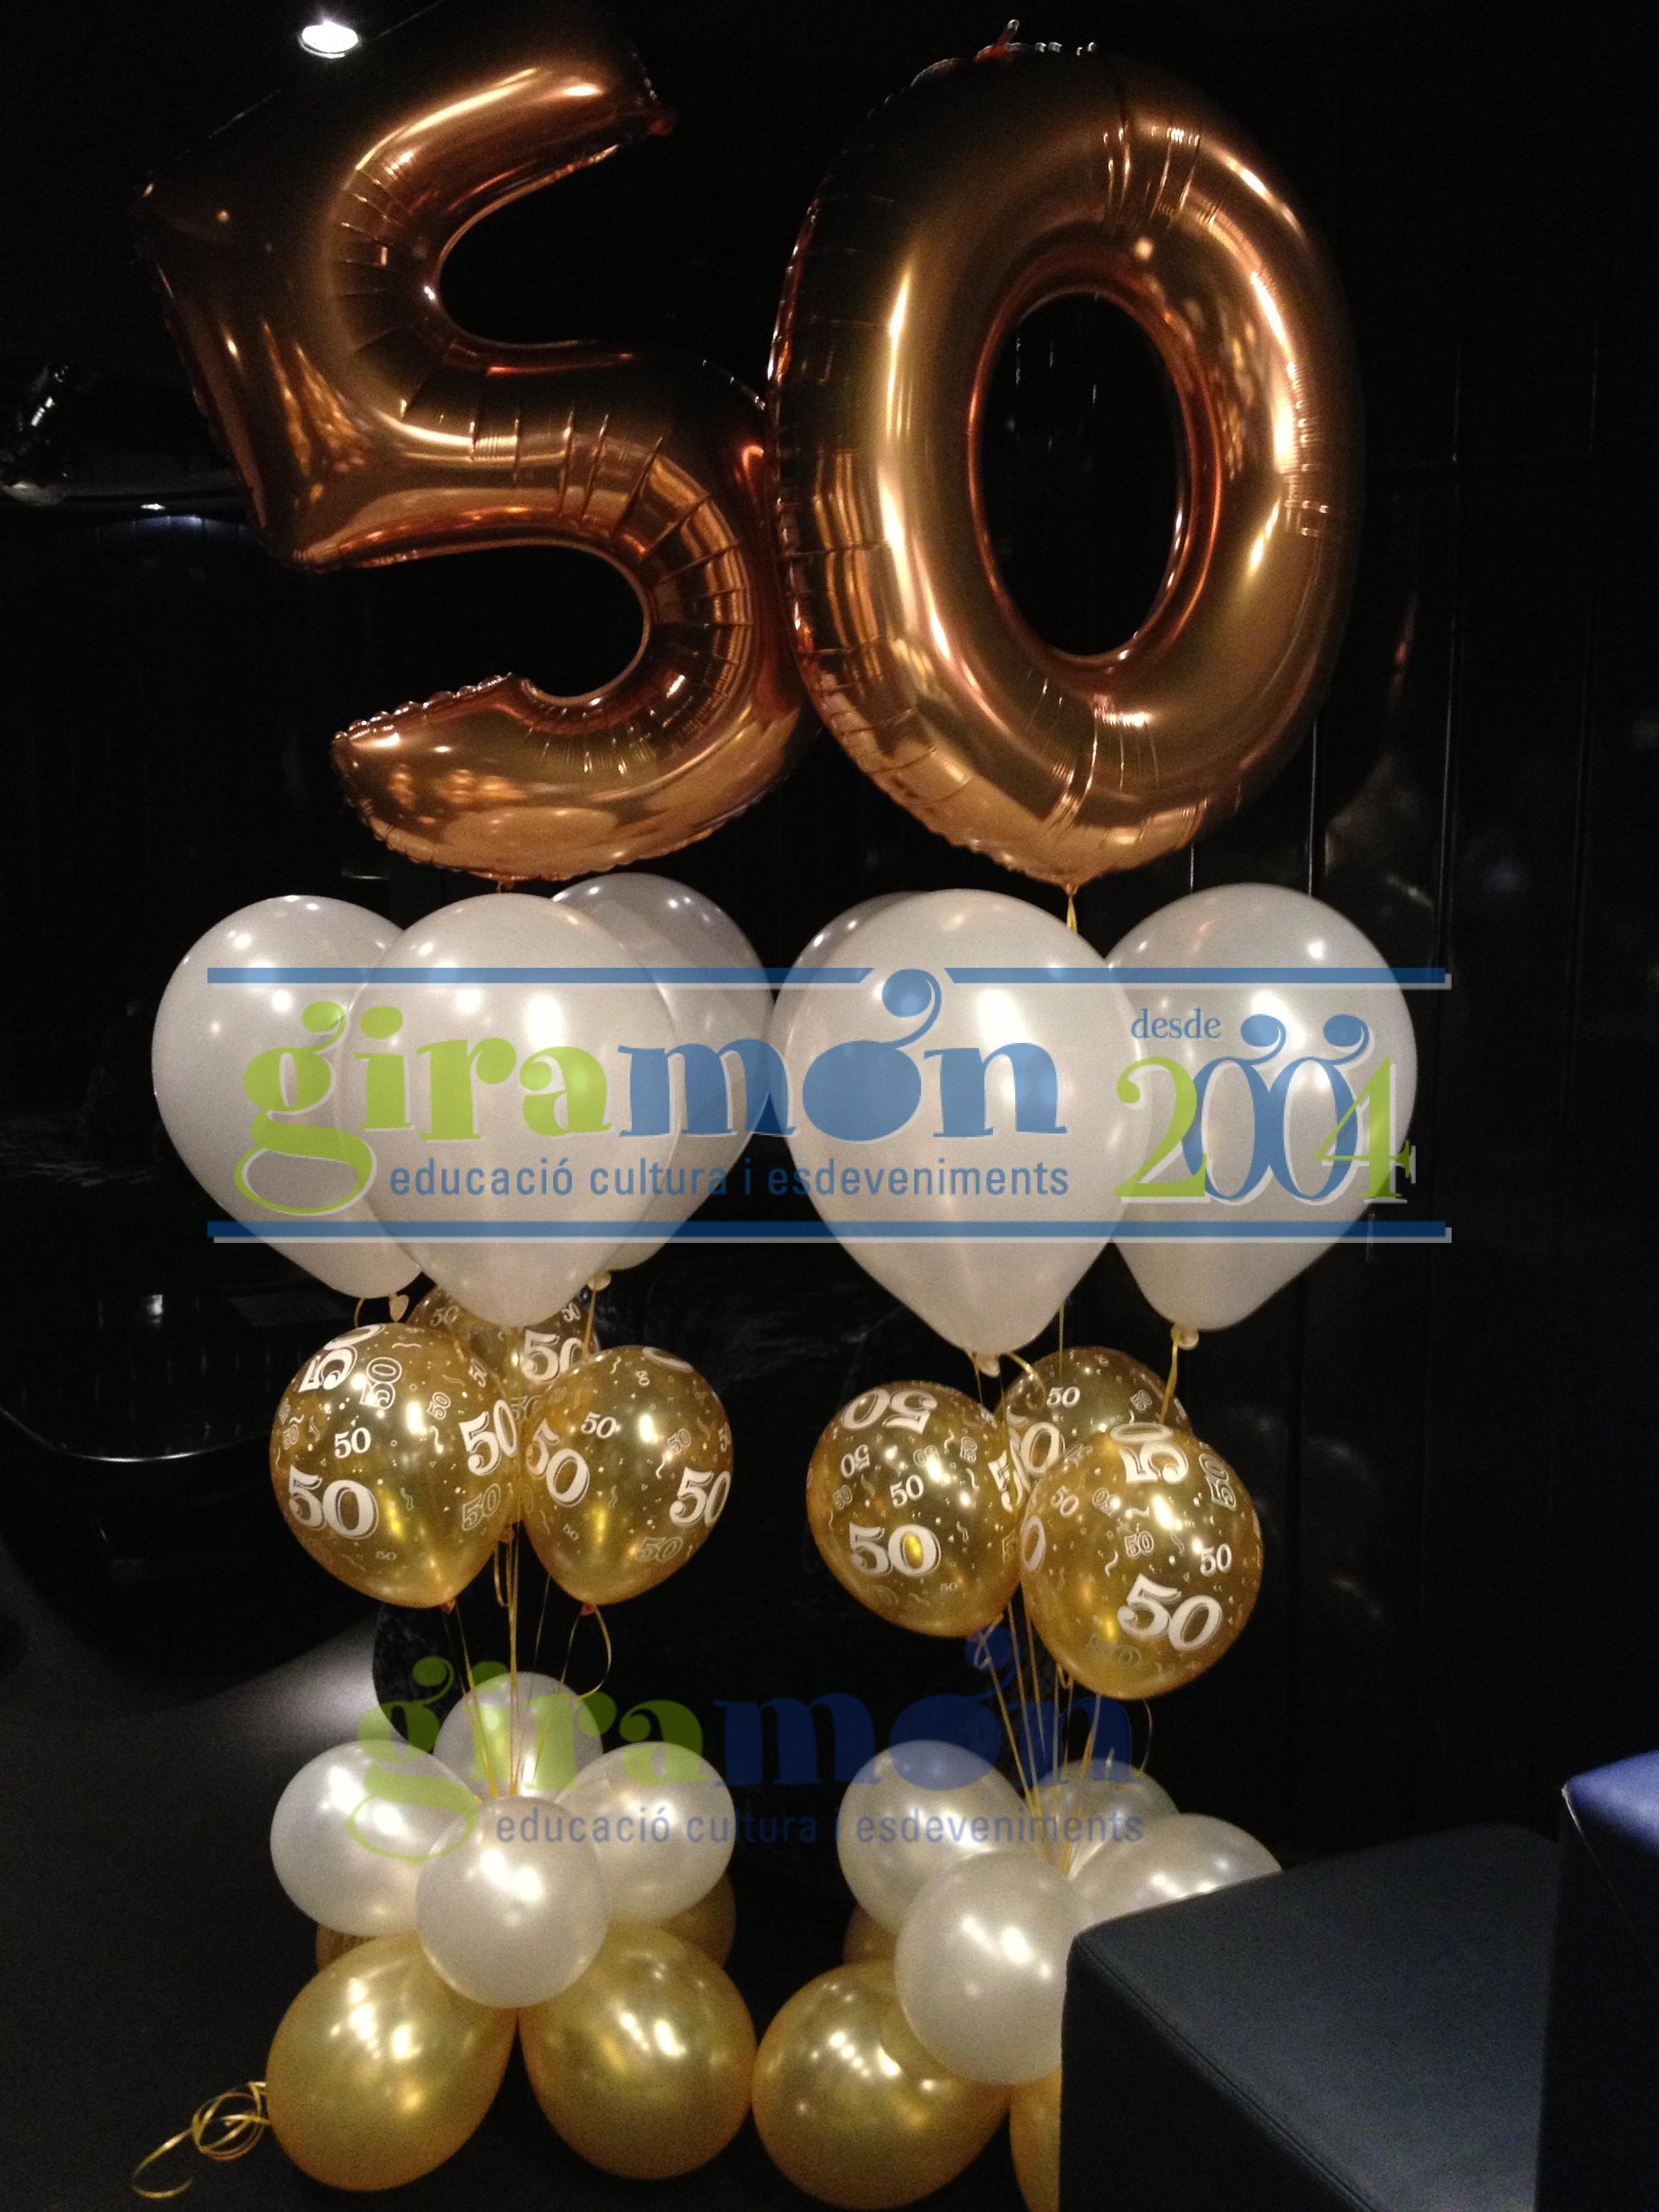 Ramo con globos aniversario giram n giram n for Decoracion con globos 50 anos